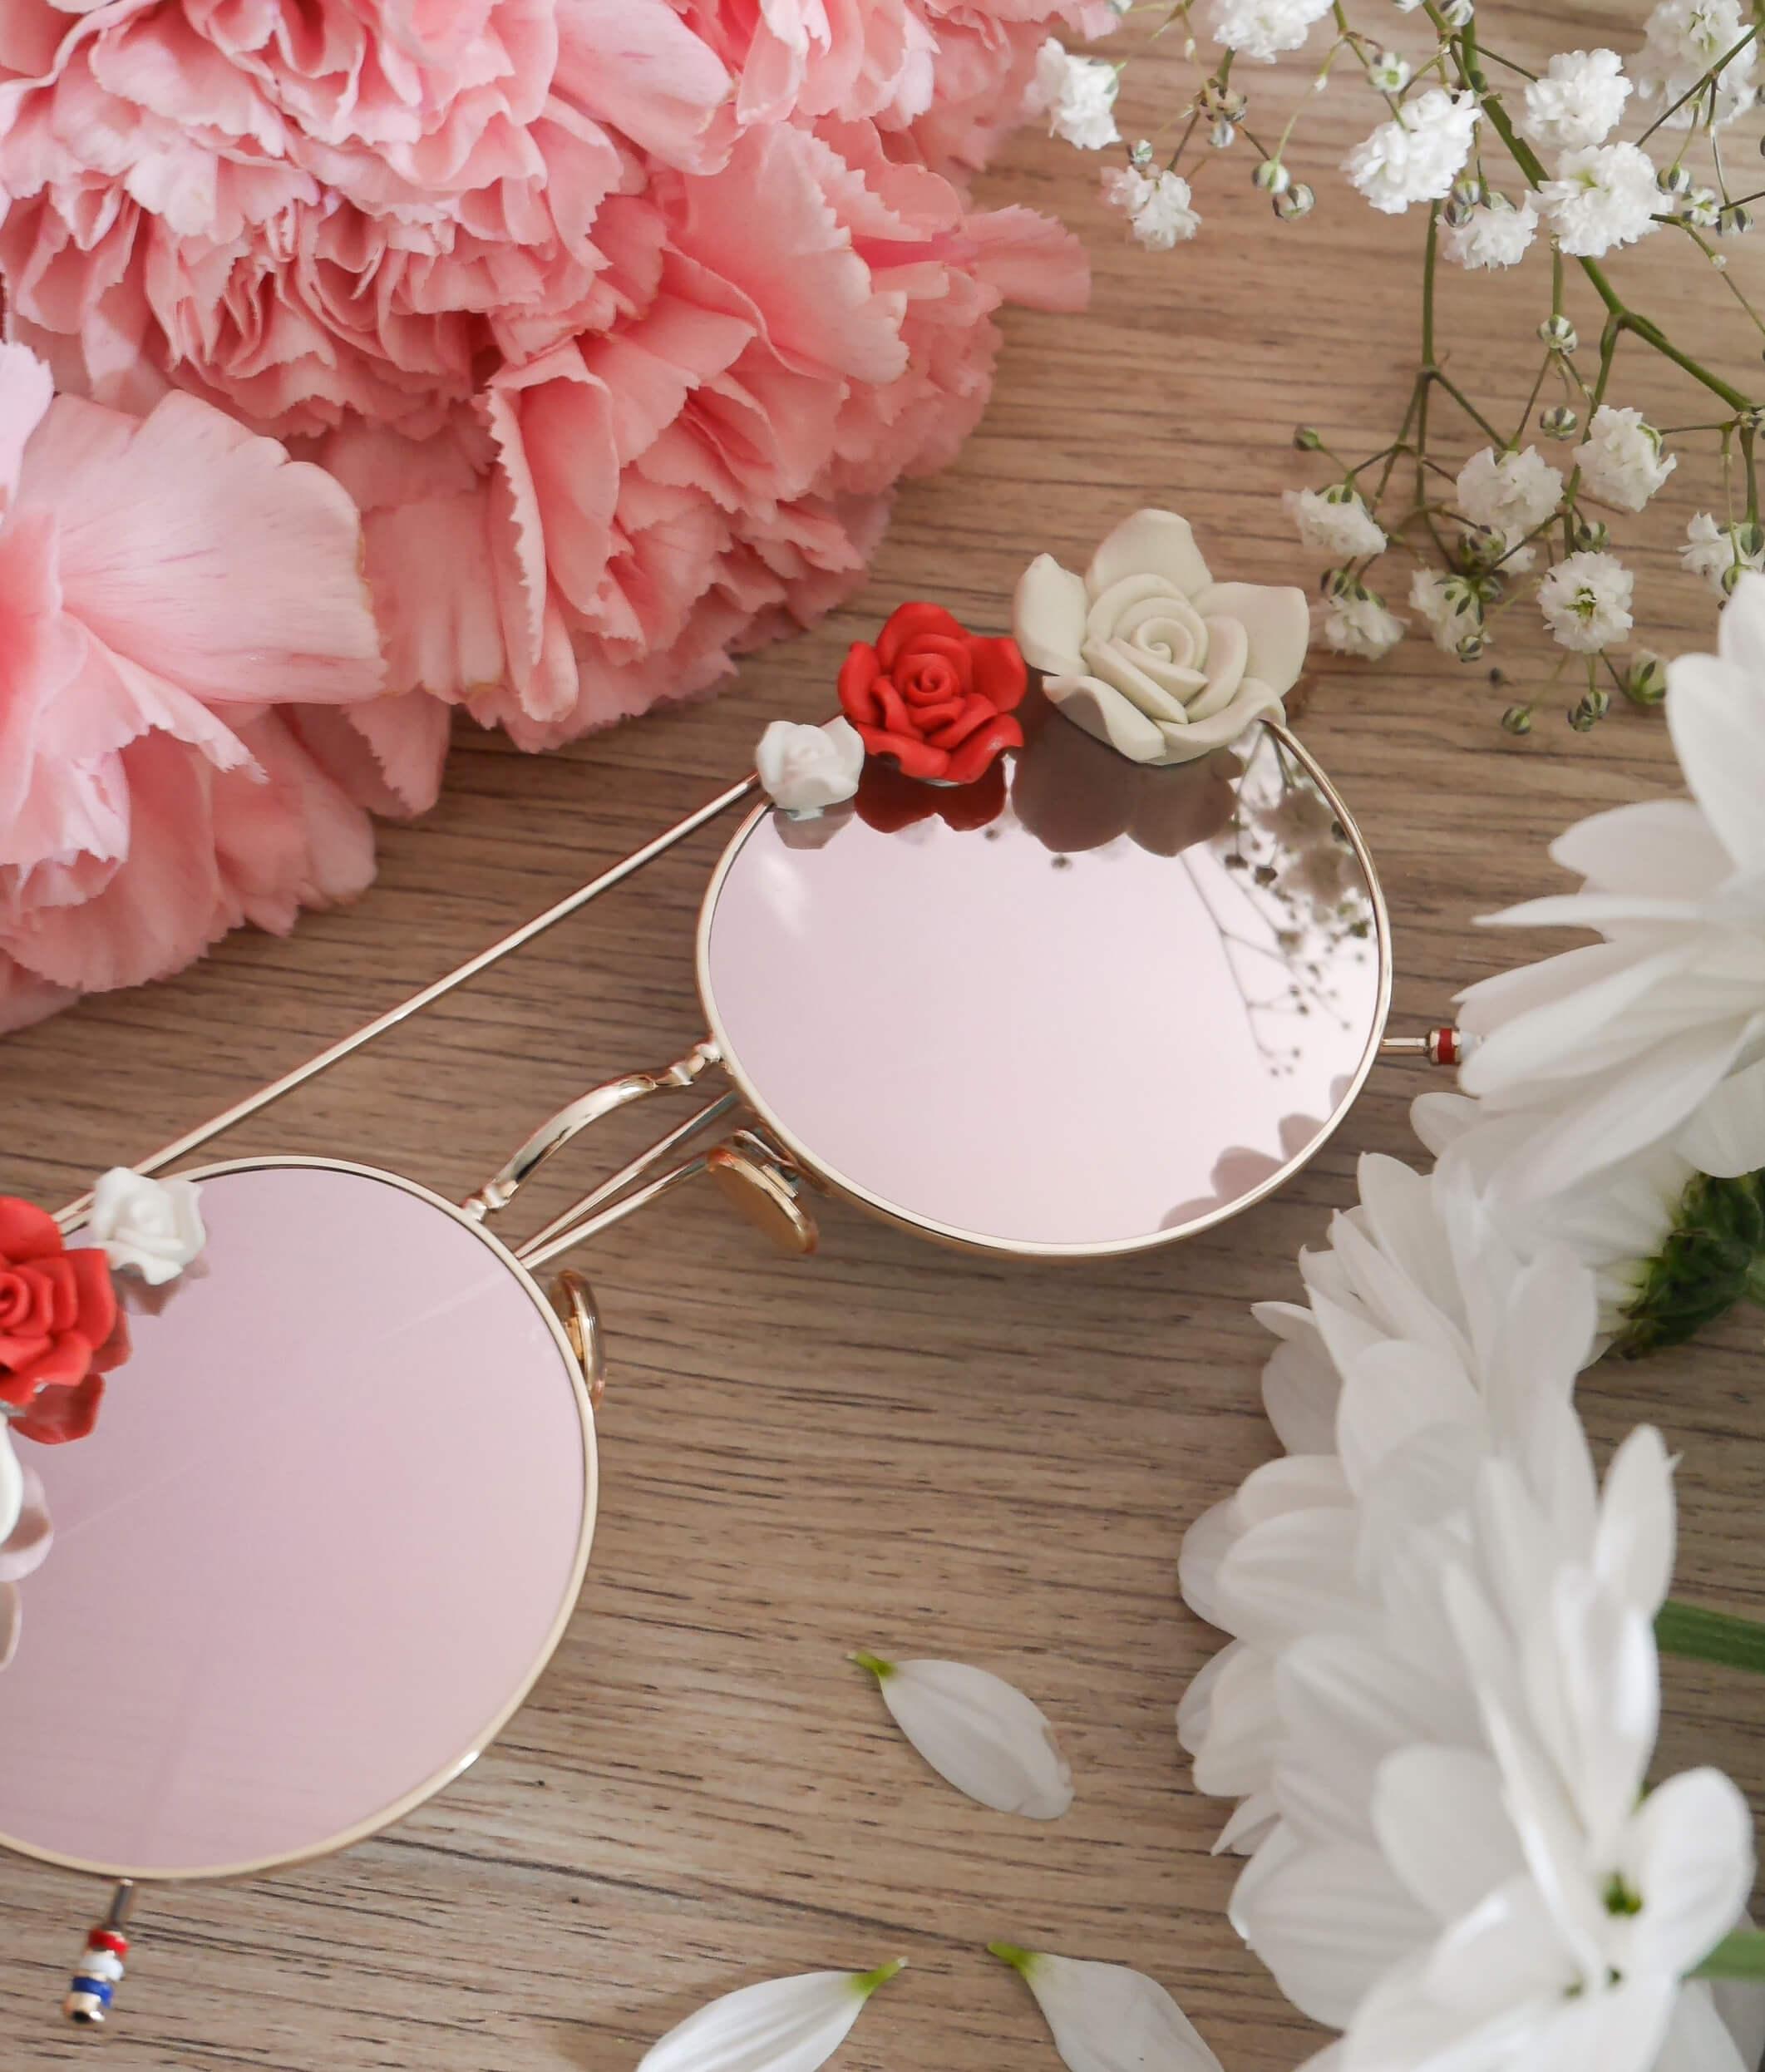 Lunettes de soleil à fleurs - lunettes mariage bohème - mode femme - Cénélia - Rosalie